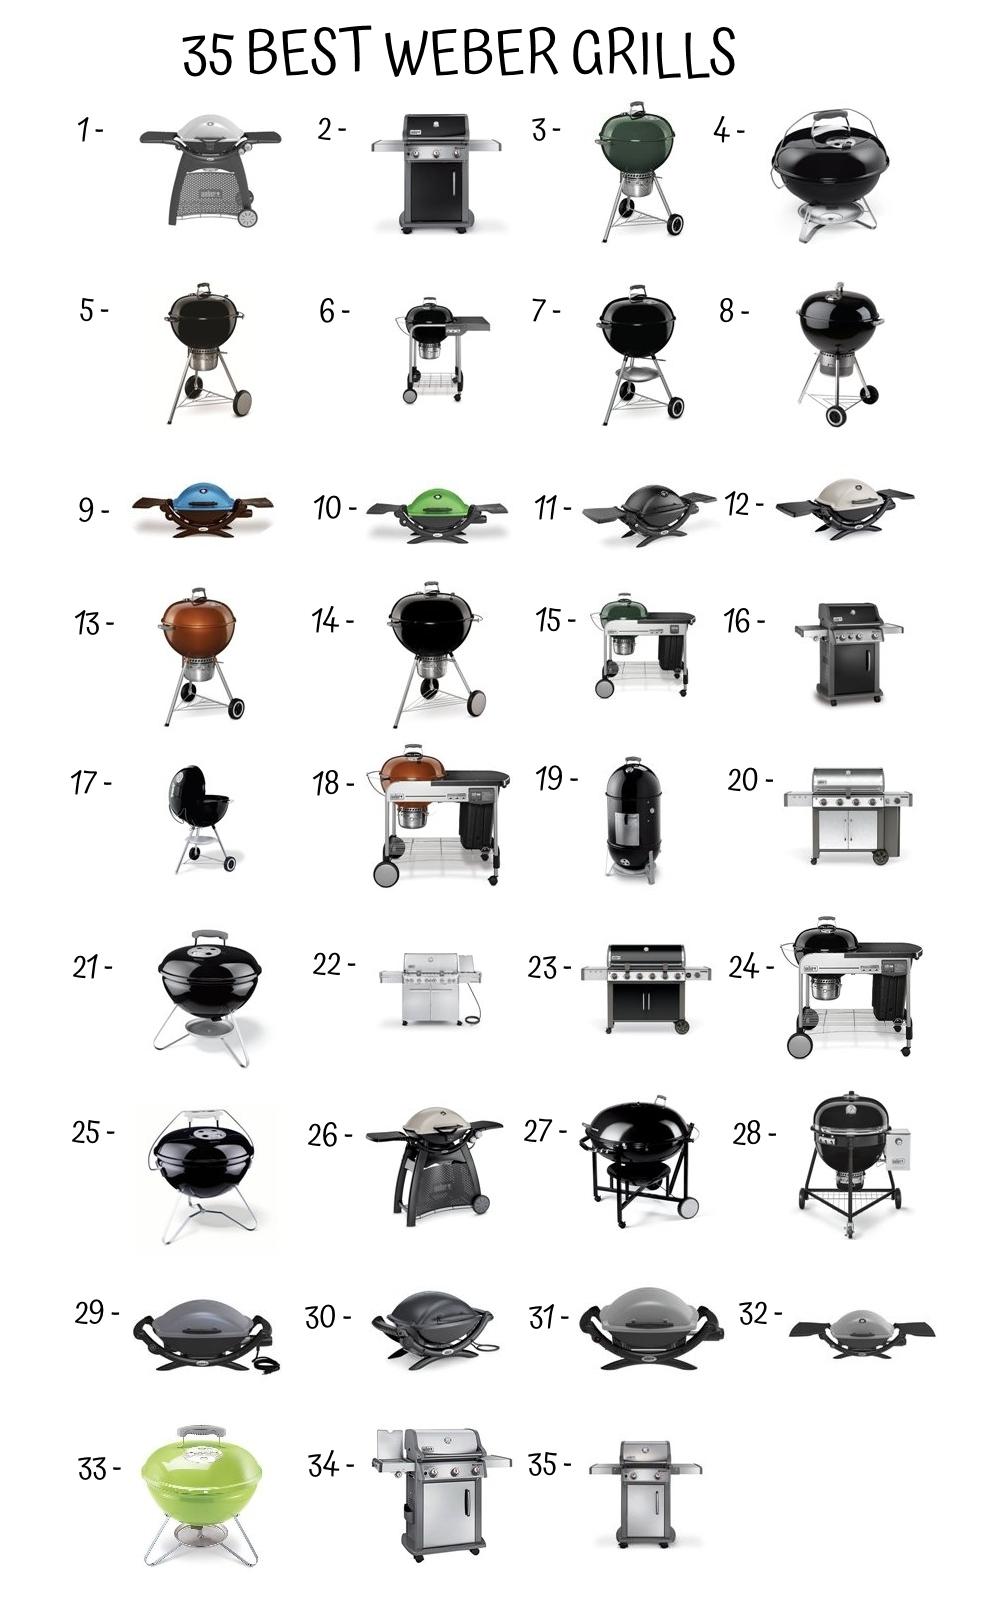 35 Best Weber Grills